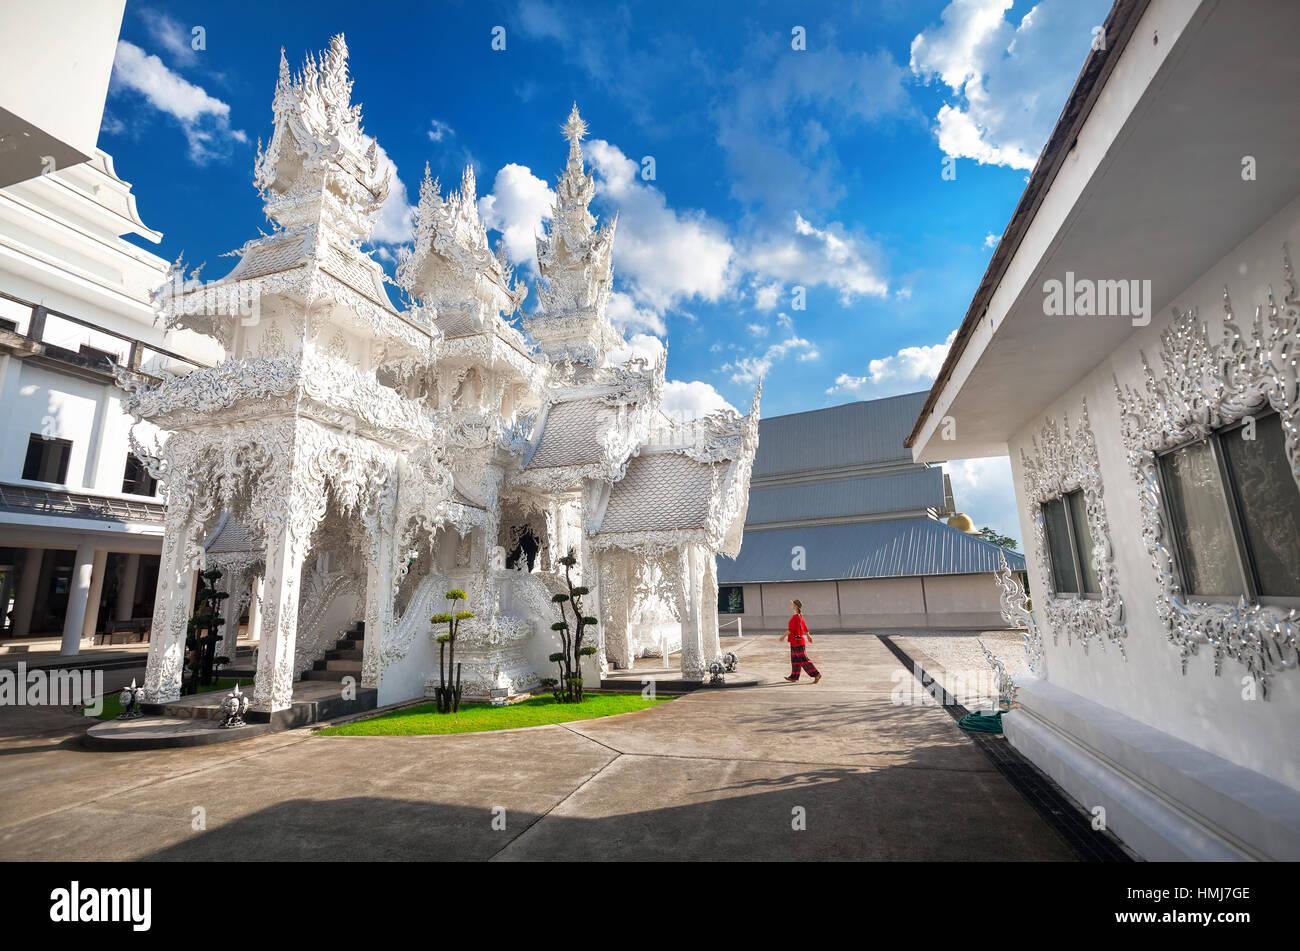 Donna in camicia rossa in Wat Rong Khun il tempio bianco in Chiang Rai, Thailandia Immagini Stock